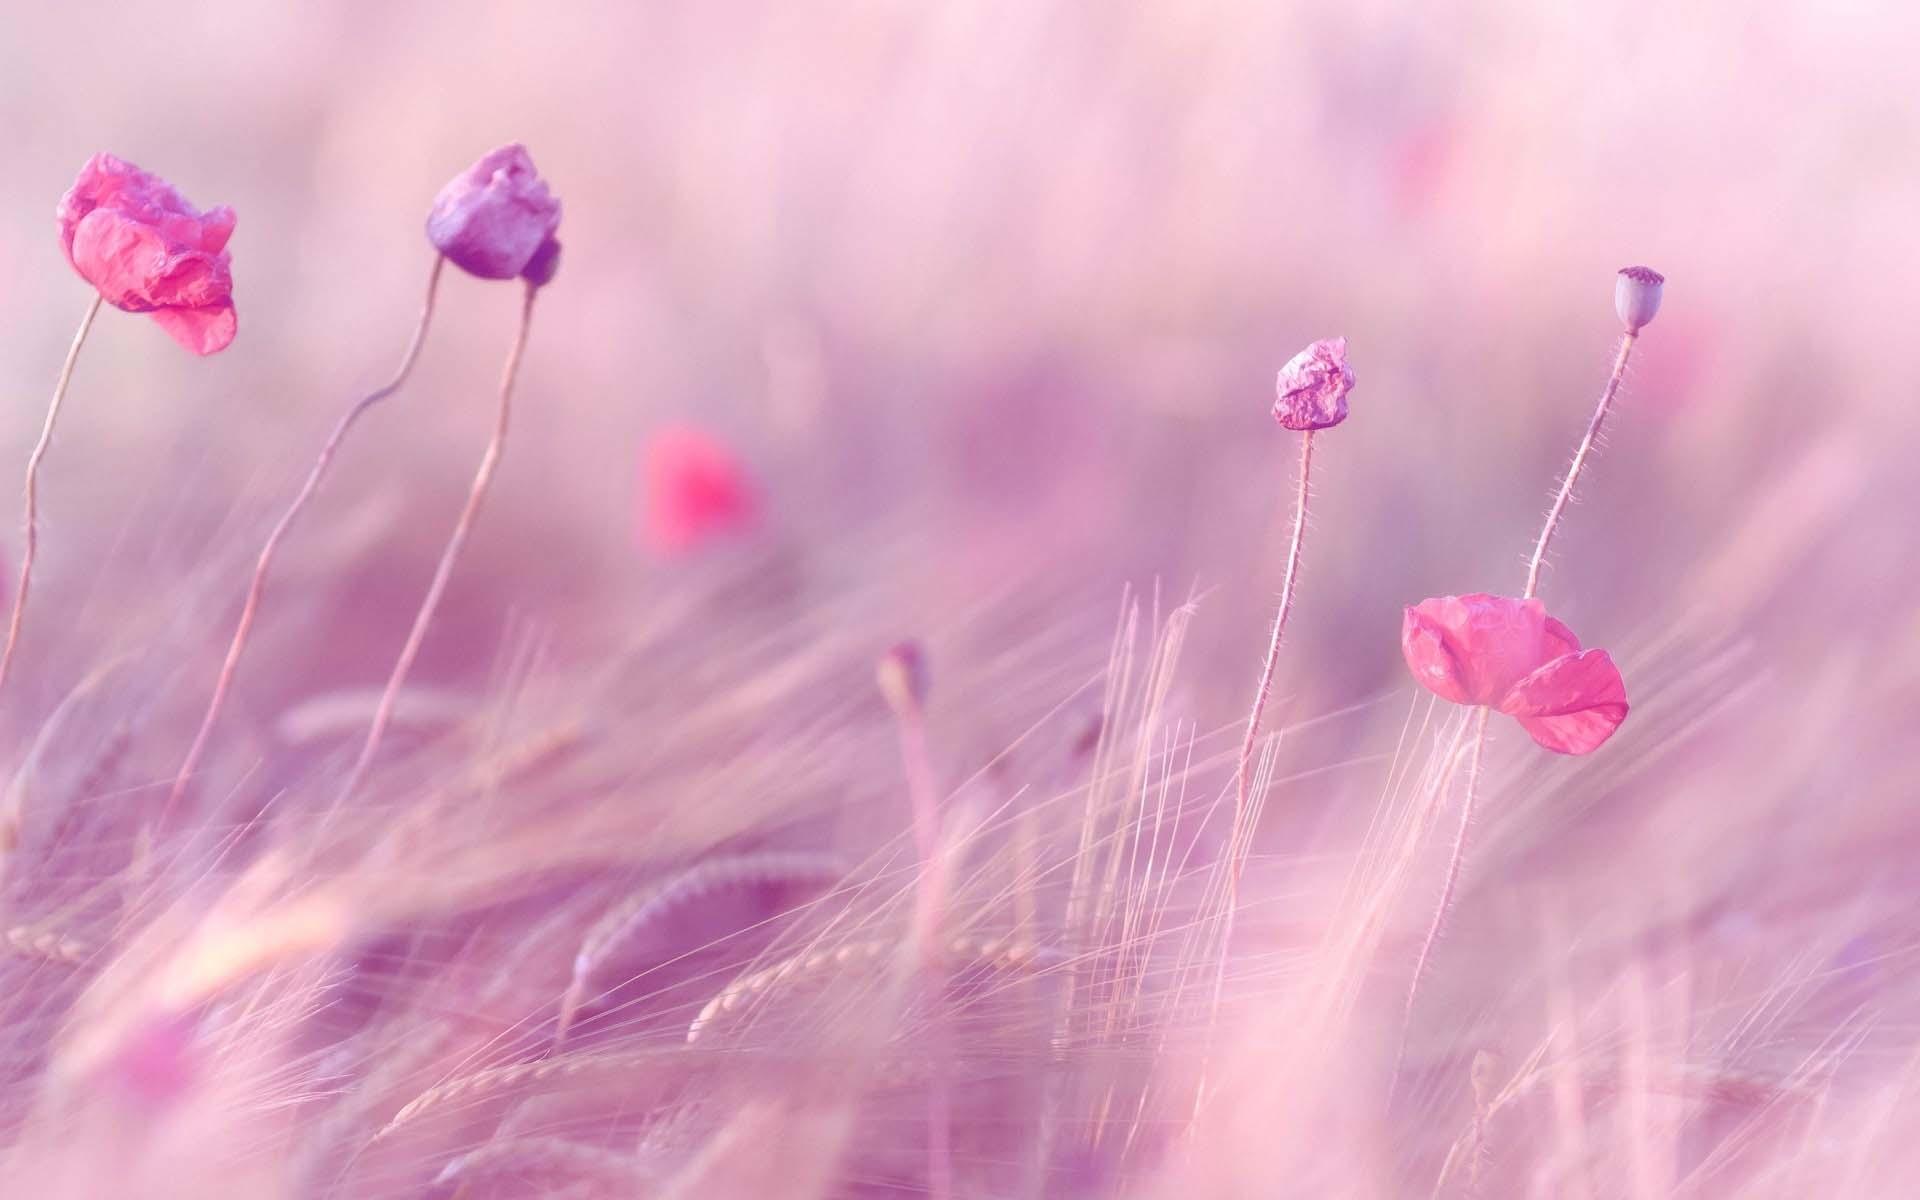 Hình ảnh nền màu hồng